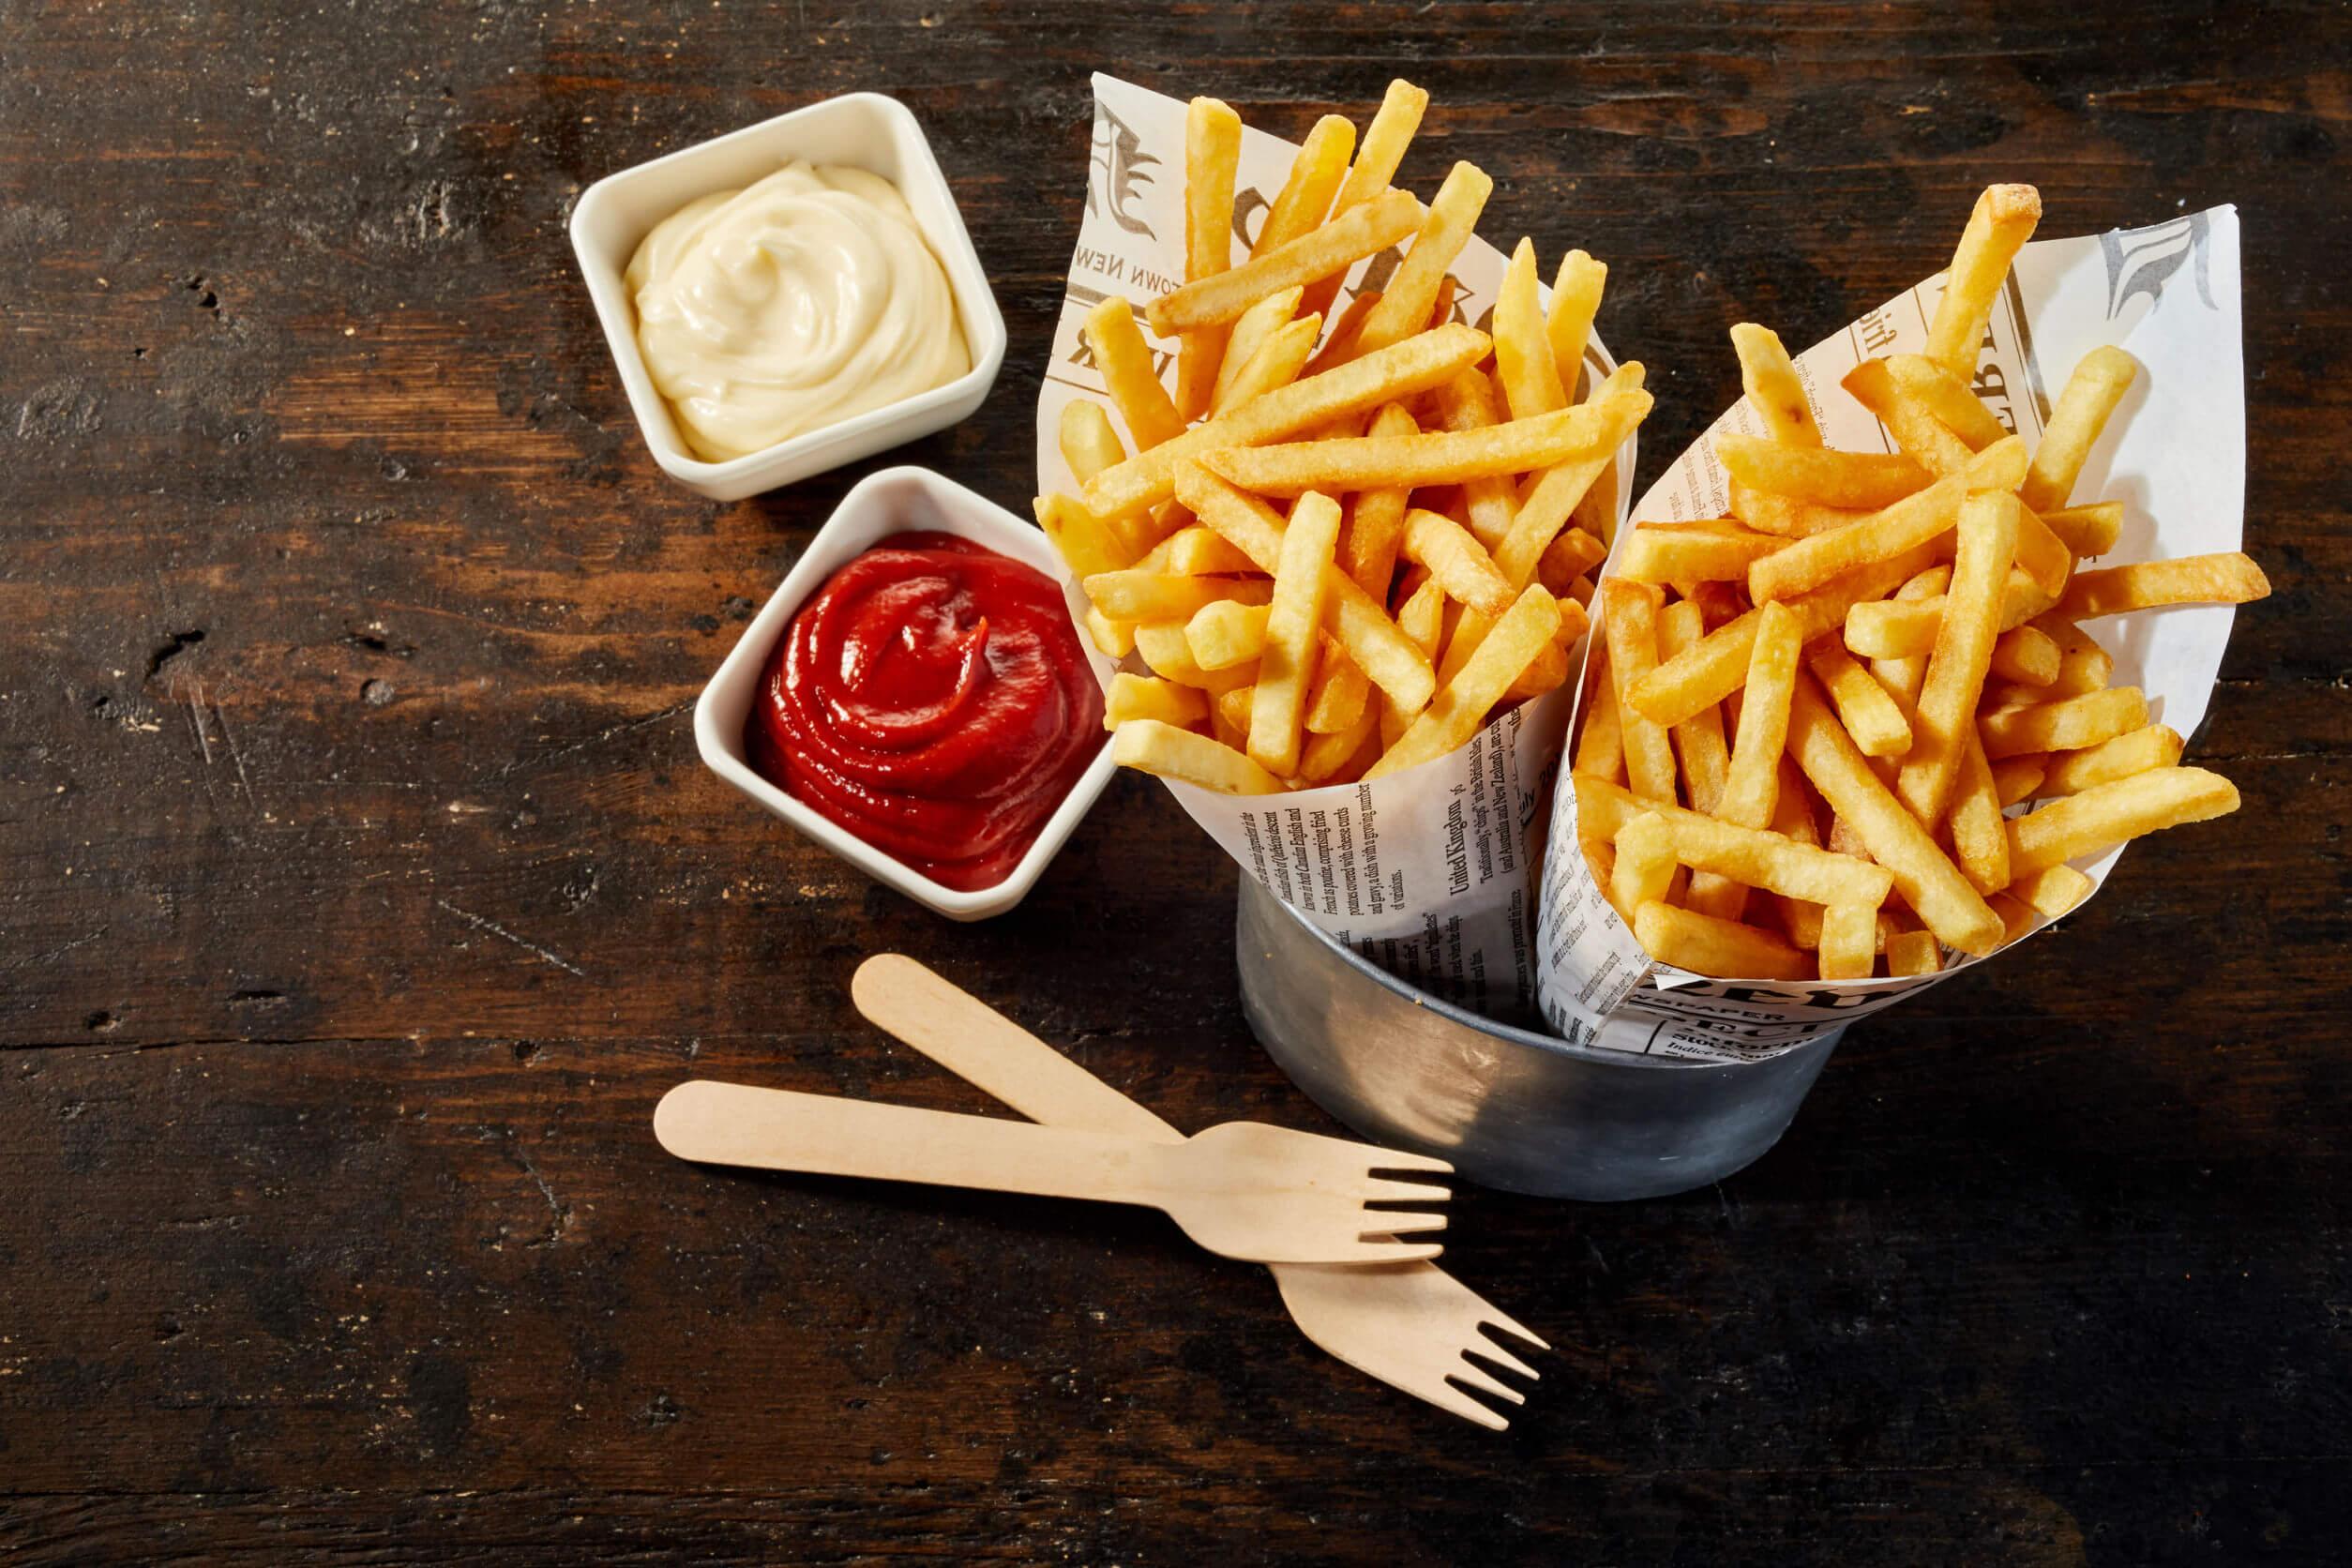 Consumir abundante comida chatarra forma parte de los hábitos que pueden empeorar la gastritis.